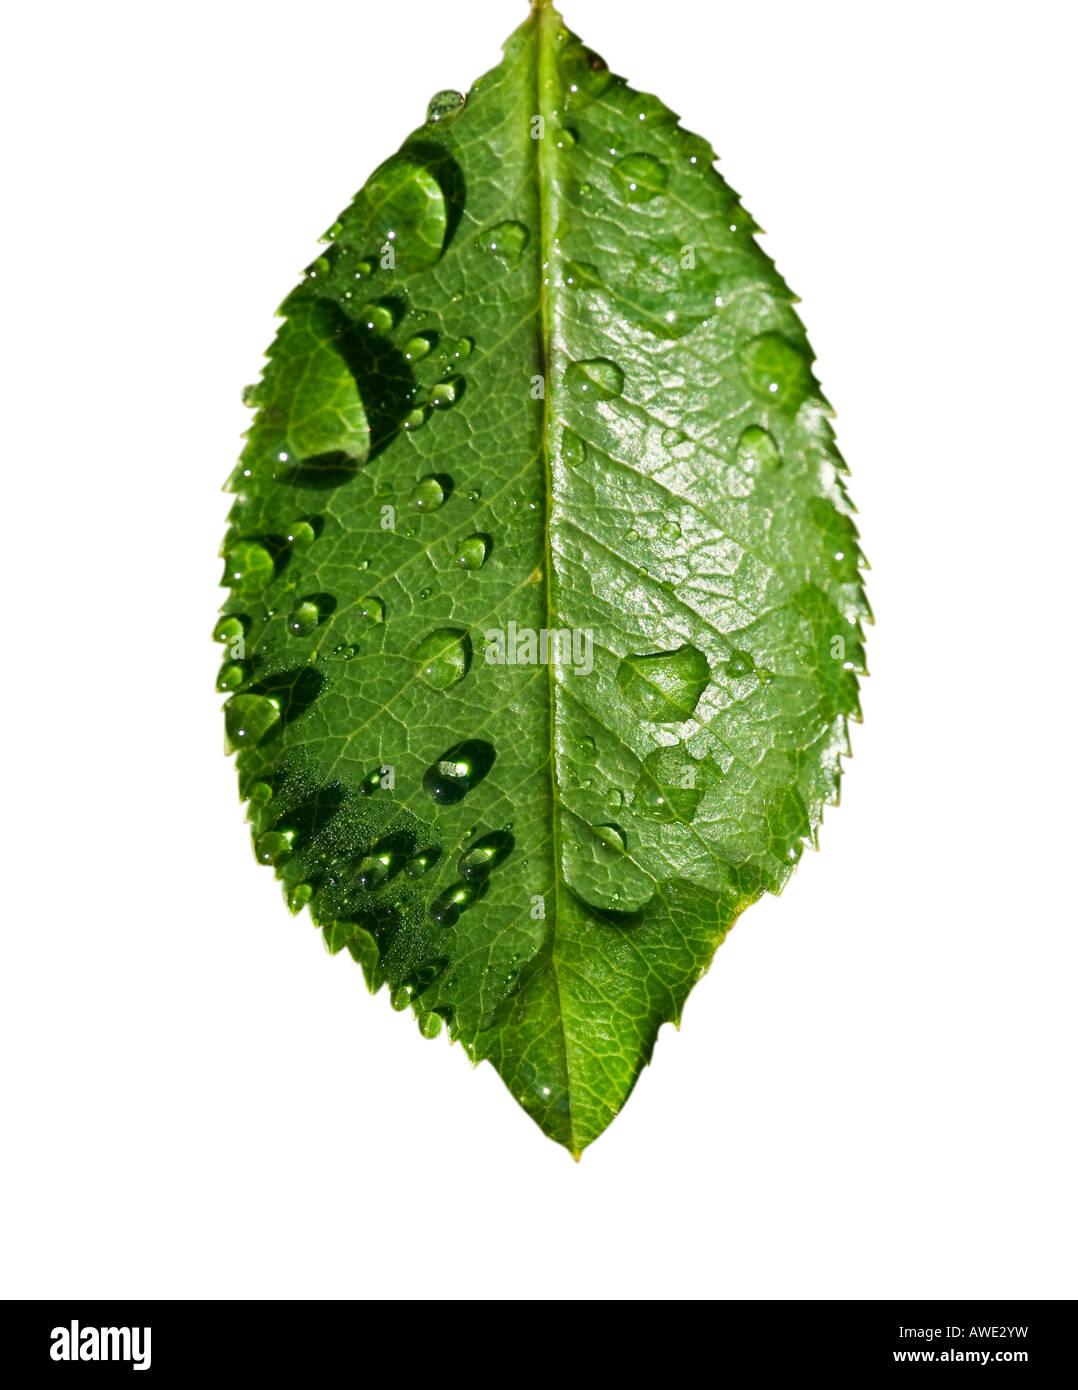 Les gouttes d'eau claire sur une délicate feuille verte Photo Stock